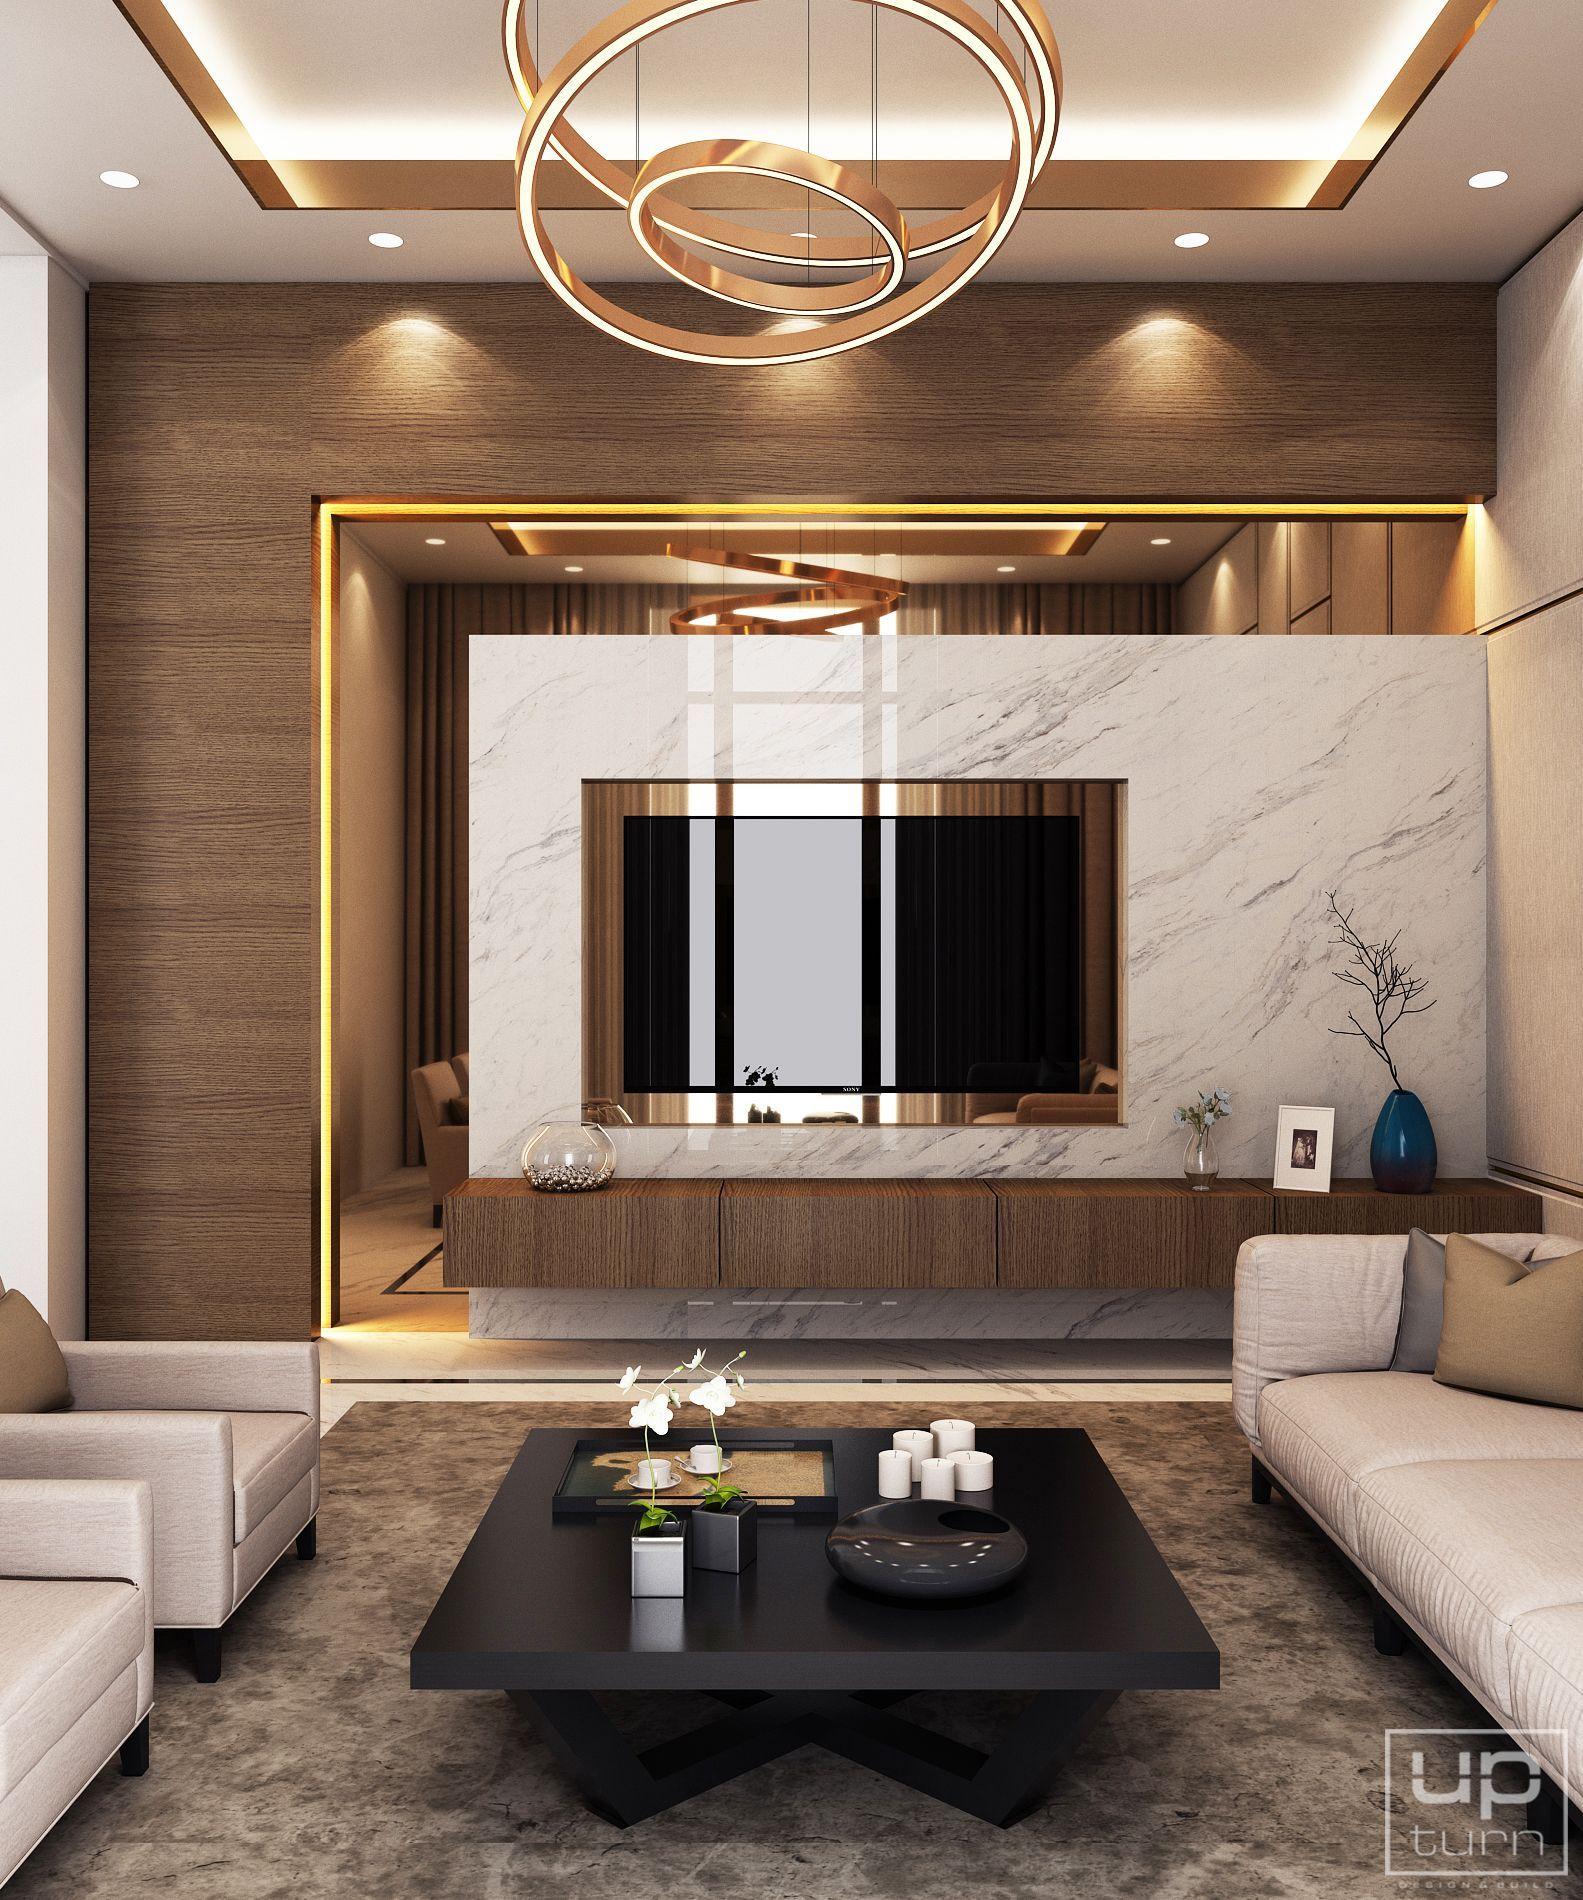 Luxury Master Bedroom Dubai On Behance: Luxury Modern Villa